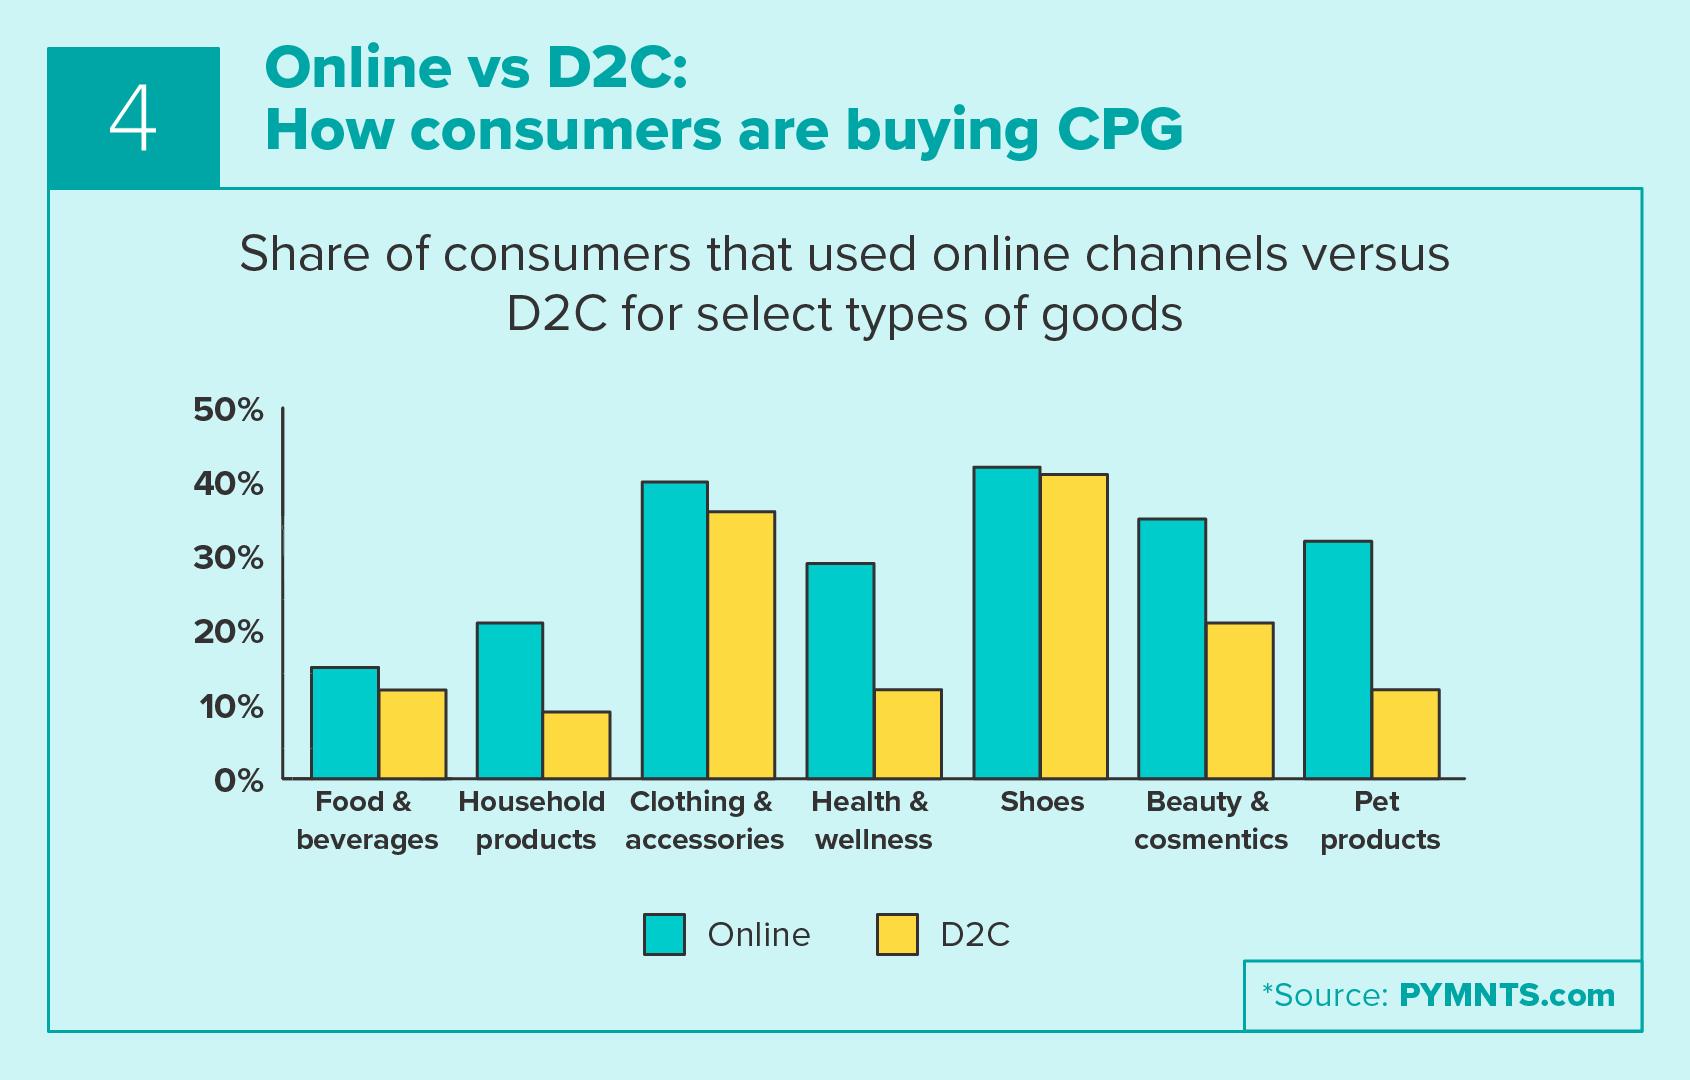 Online vs D2C